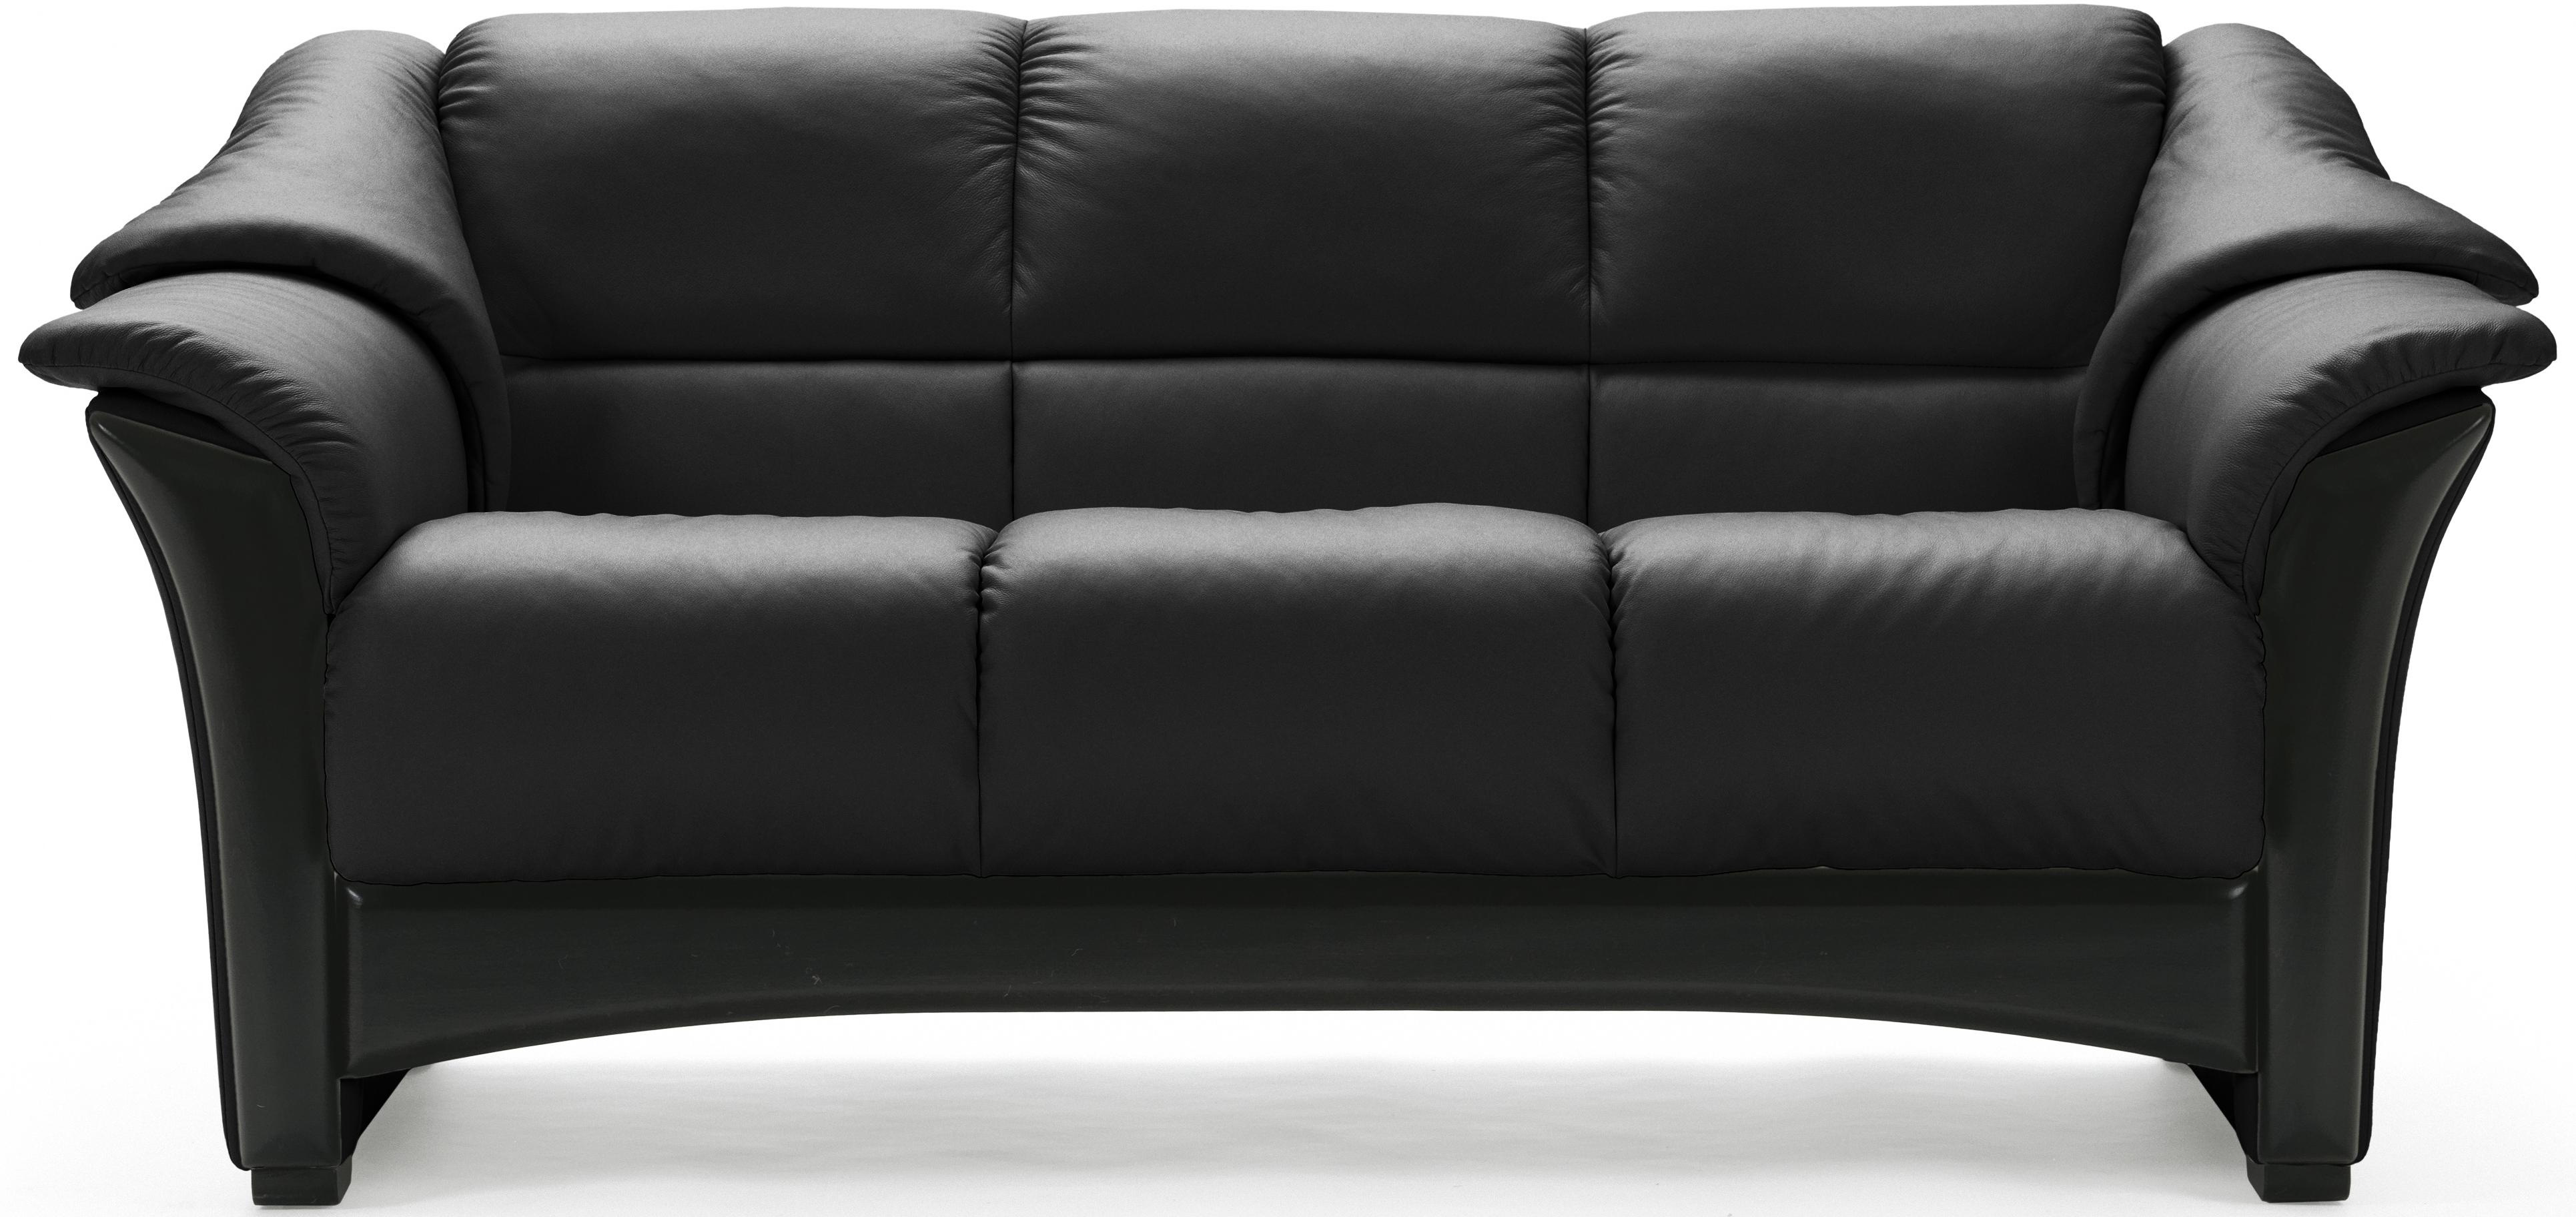 3 Cushion Loveseat